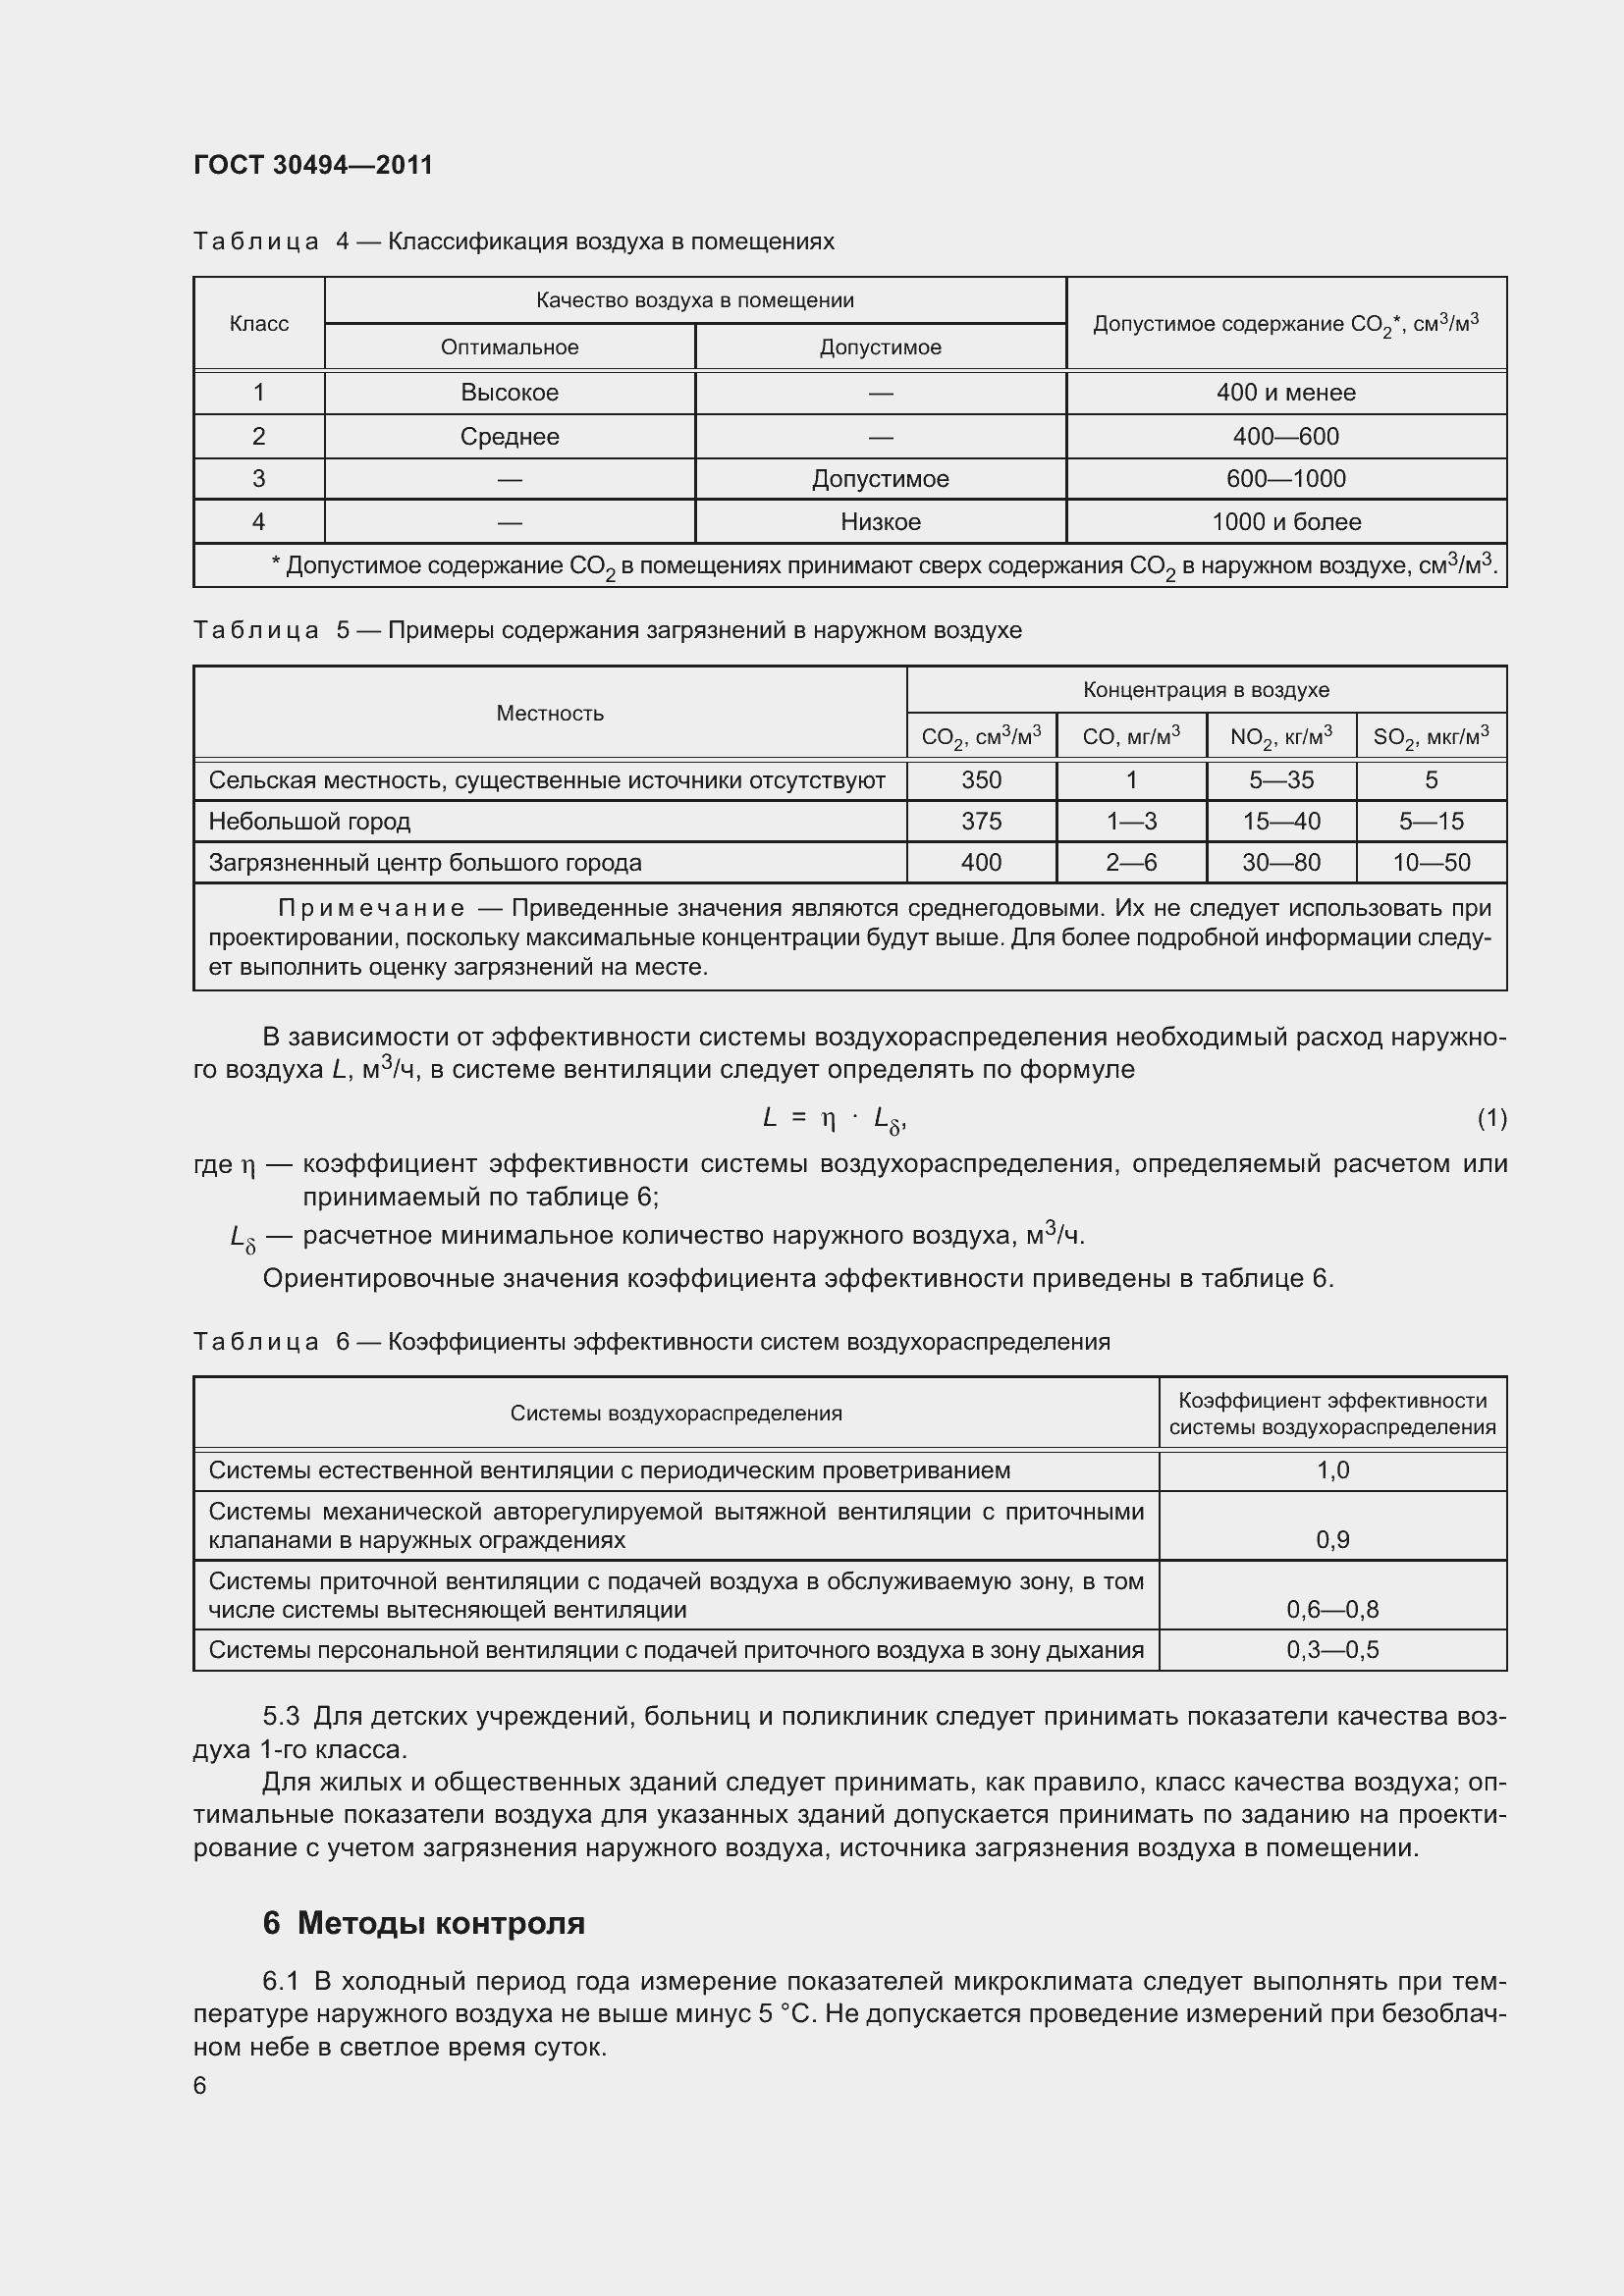 ГОСТ 30494-2011. Страница 10